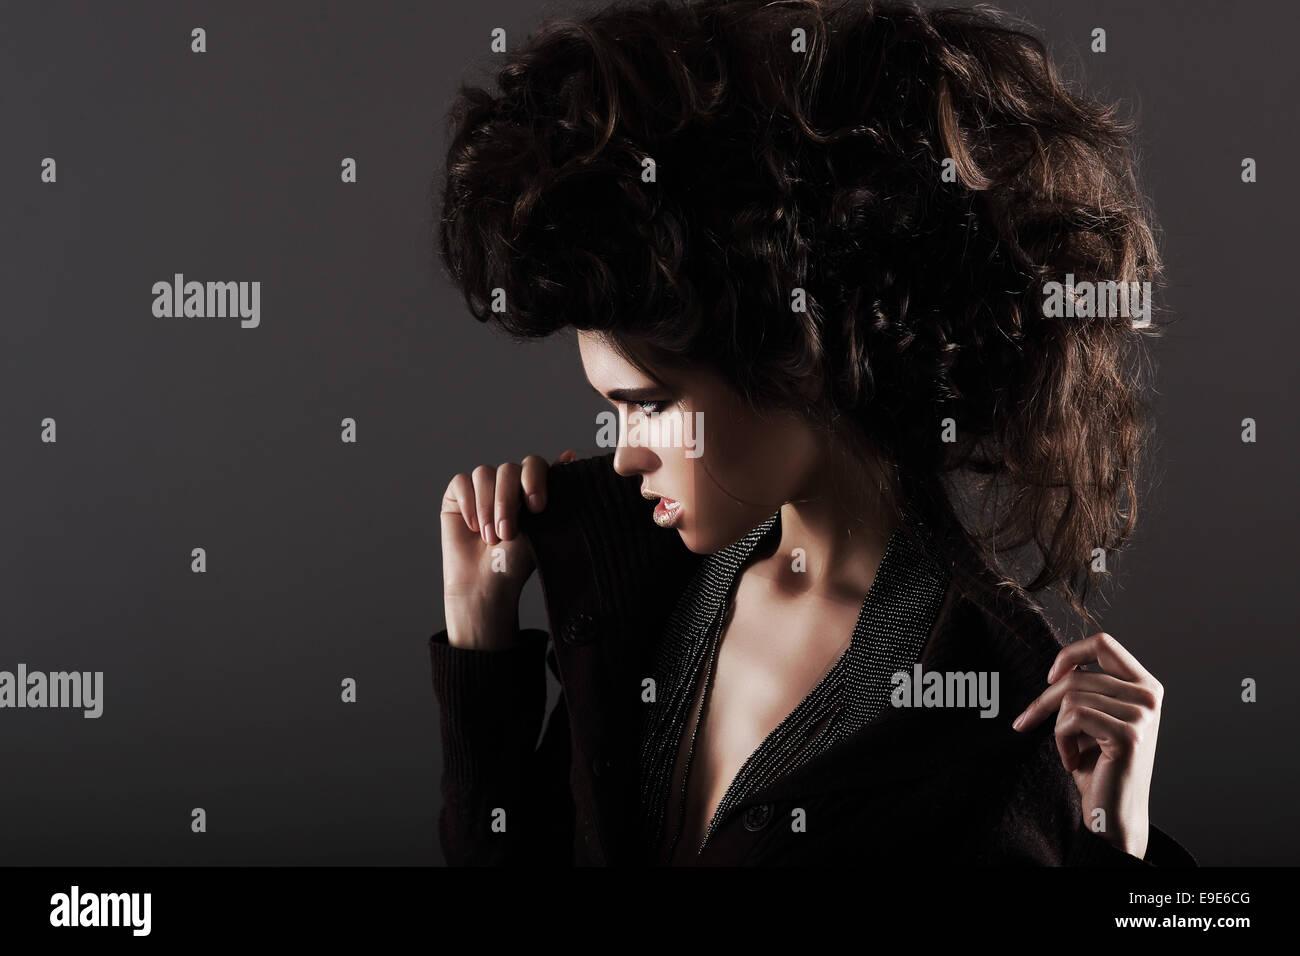 Hochsteckfrisur. Exzentrische Frau mit lockigen Haare gestylt Stockbild